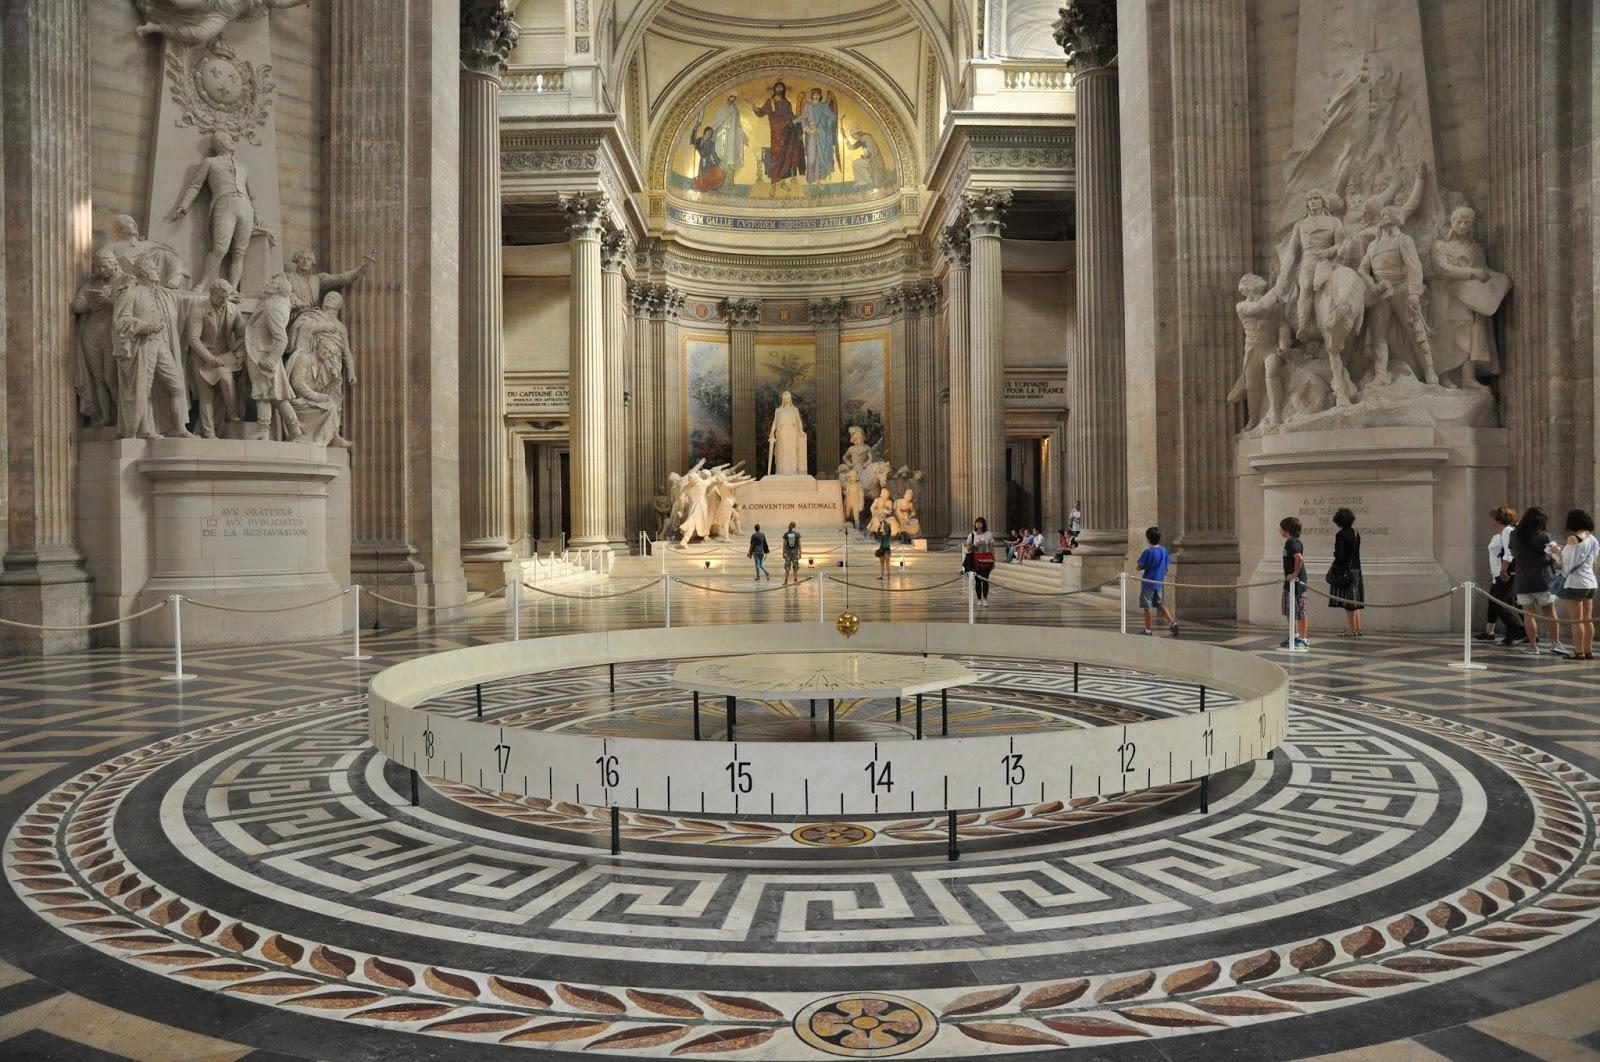 Pendulul lui Foucault , Paris